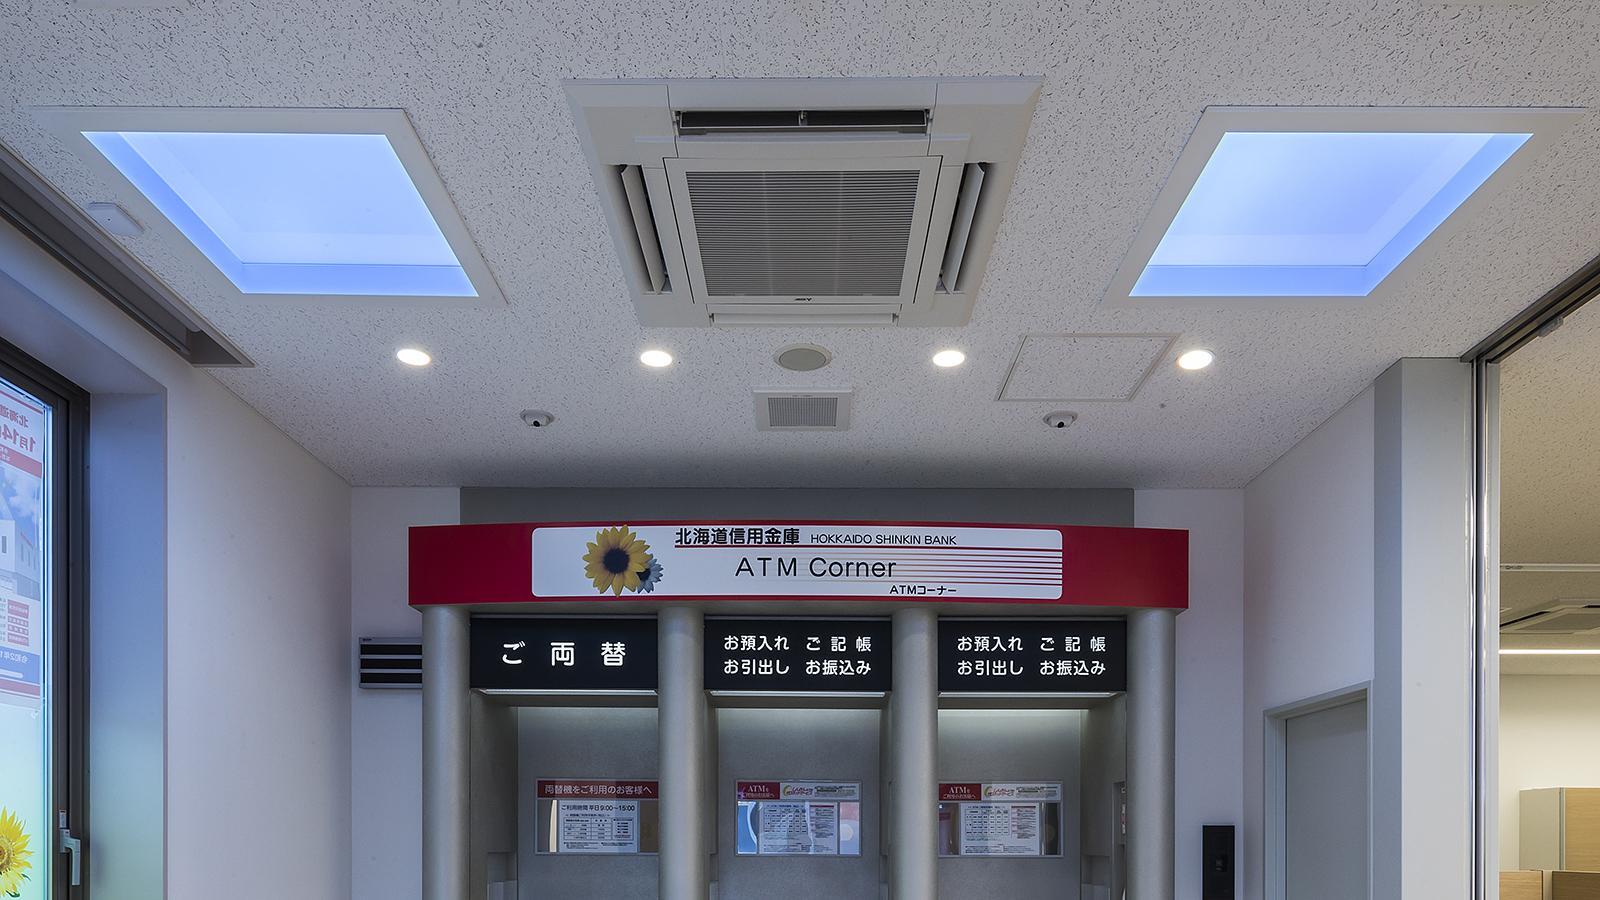 「天窓照明」で演出された北海道信用金庫のATMコーナー